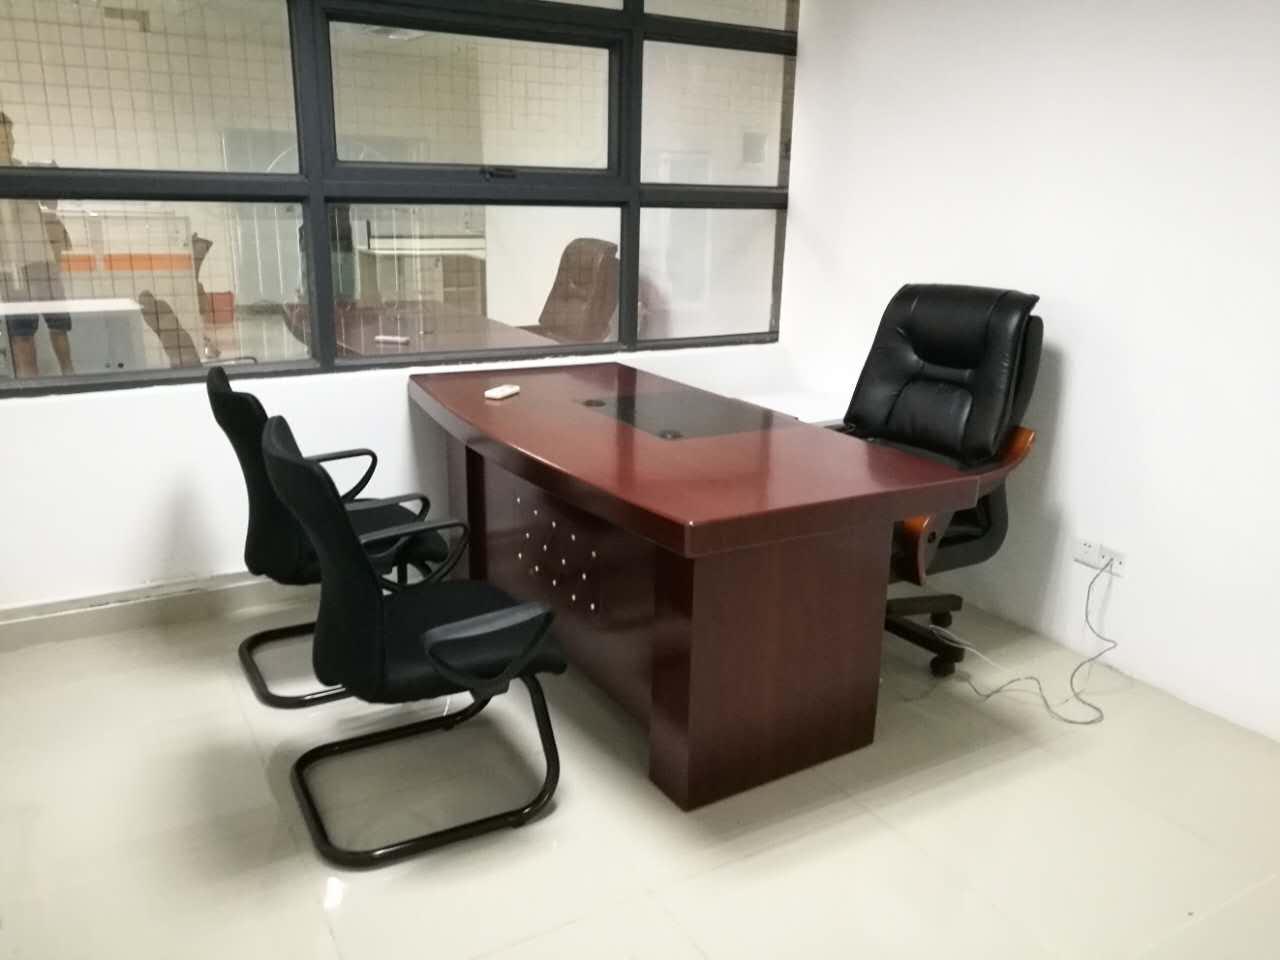 合步二手办公桌、二手沙发、二手茶几、大班台销售安装服务案例——韩先生